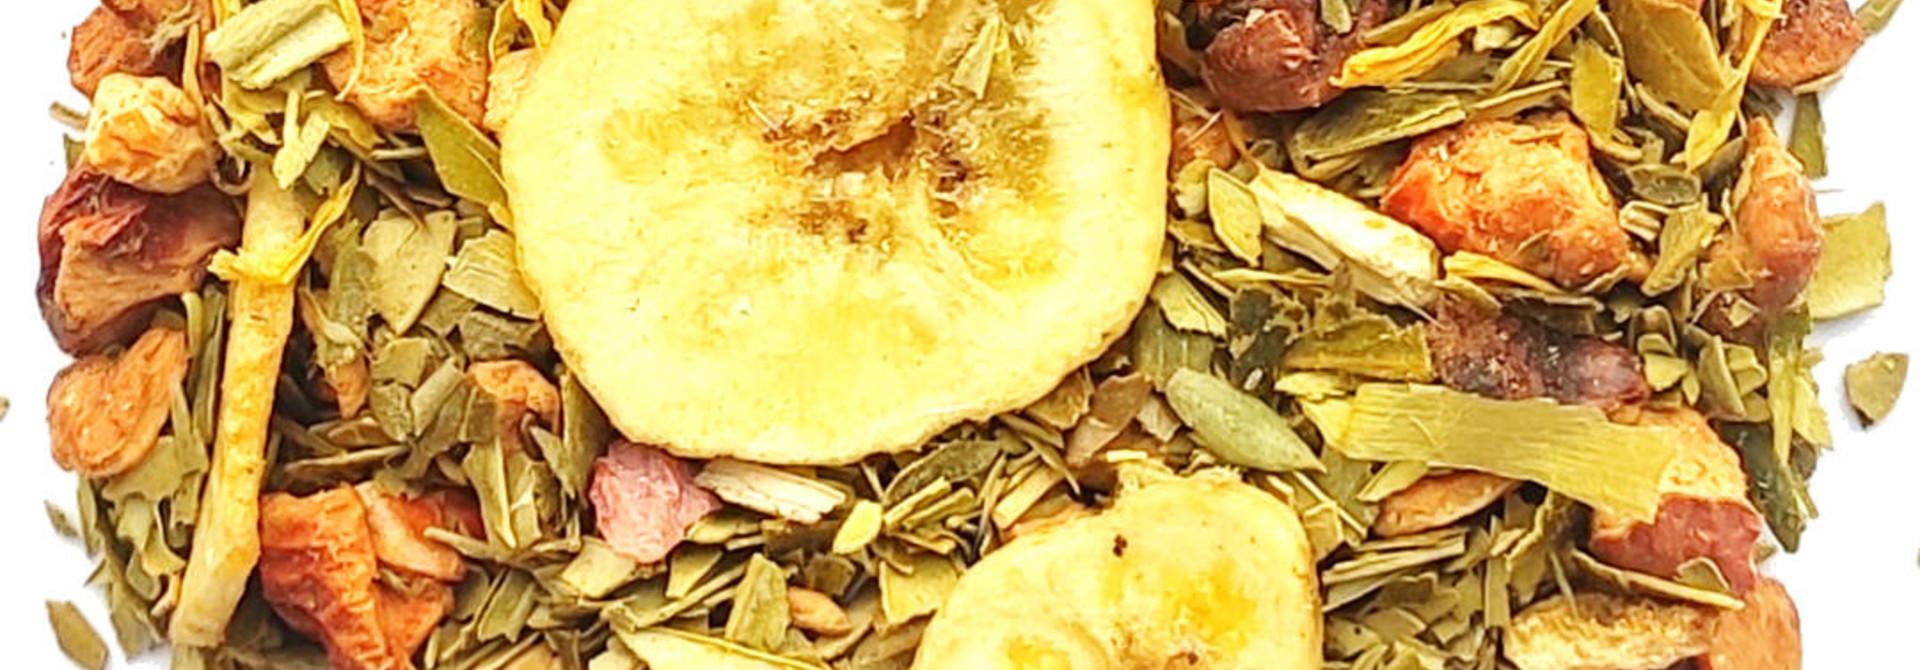 Tisane: Paradis d'olives mangue-orange sanguine BIO